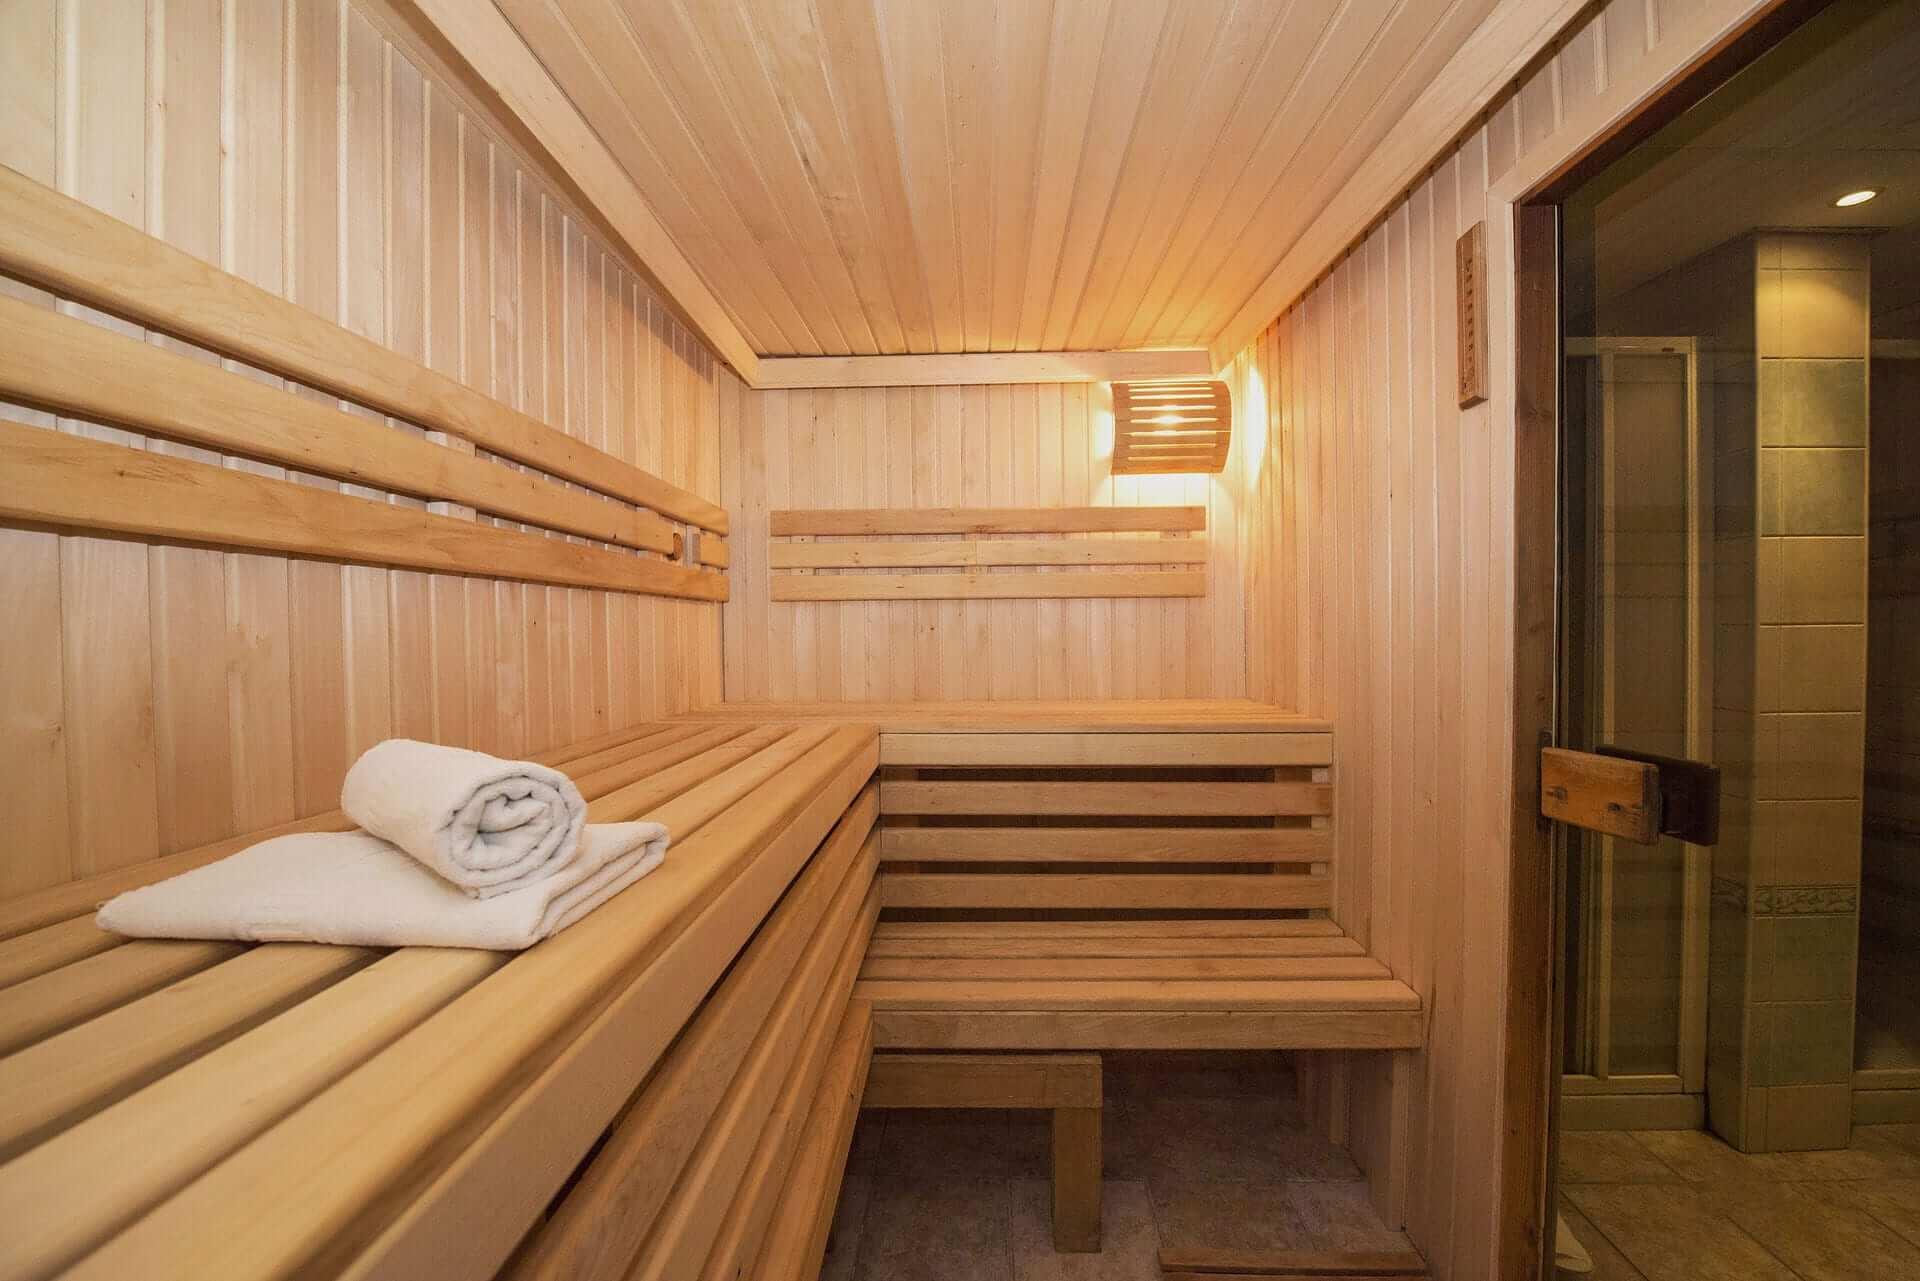 Sauna aus Holz von innen